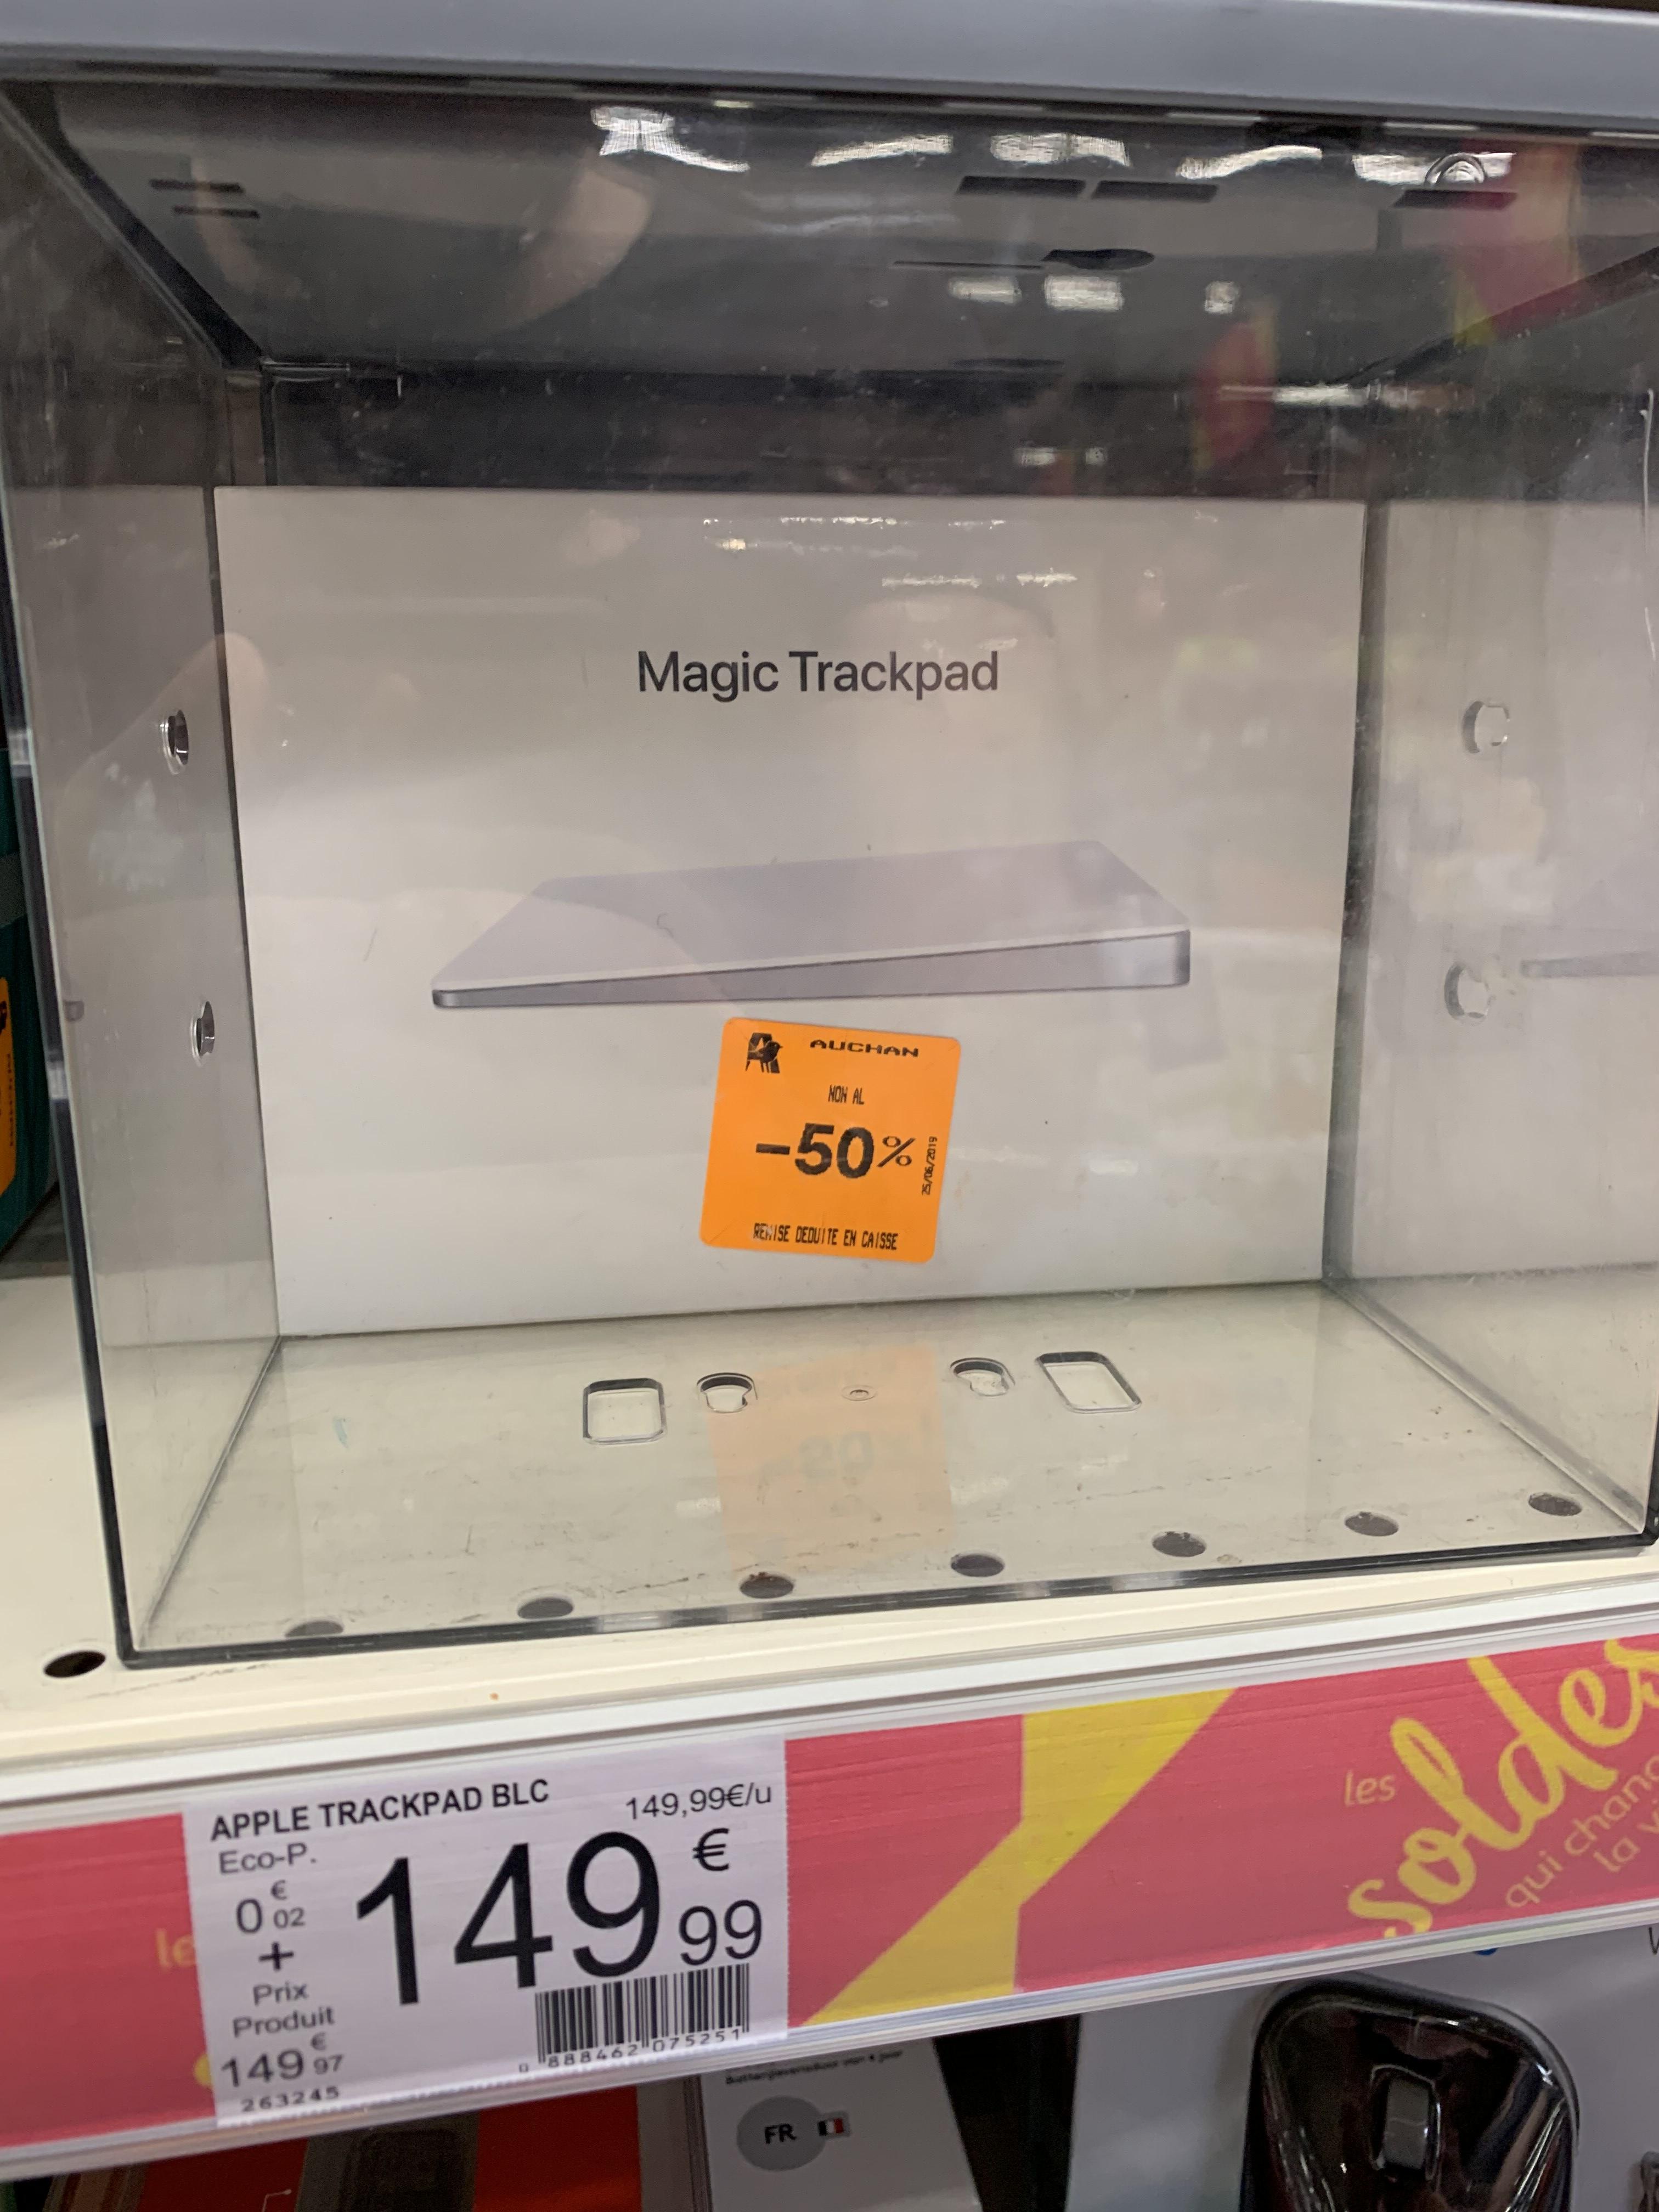 Trackpad Apple Magic 2 -  Saison de Meaux Chauconin-Neufmontiers (77)